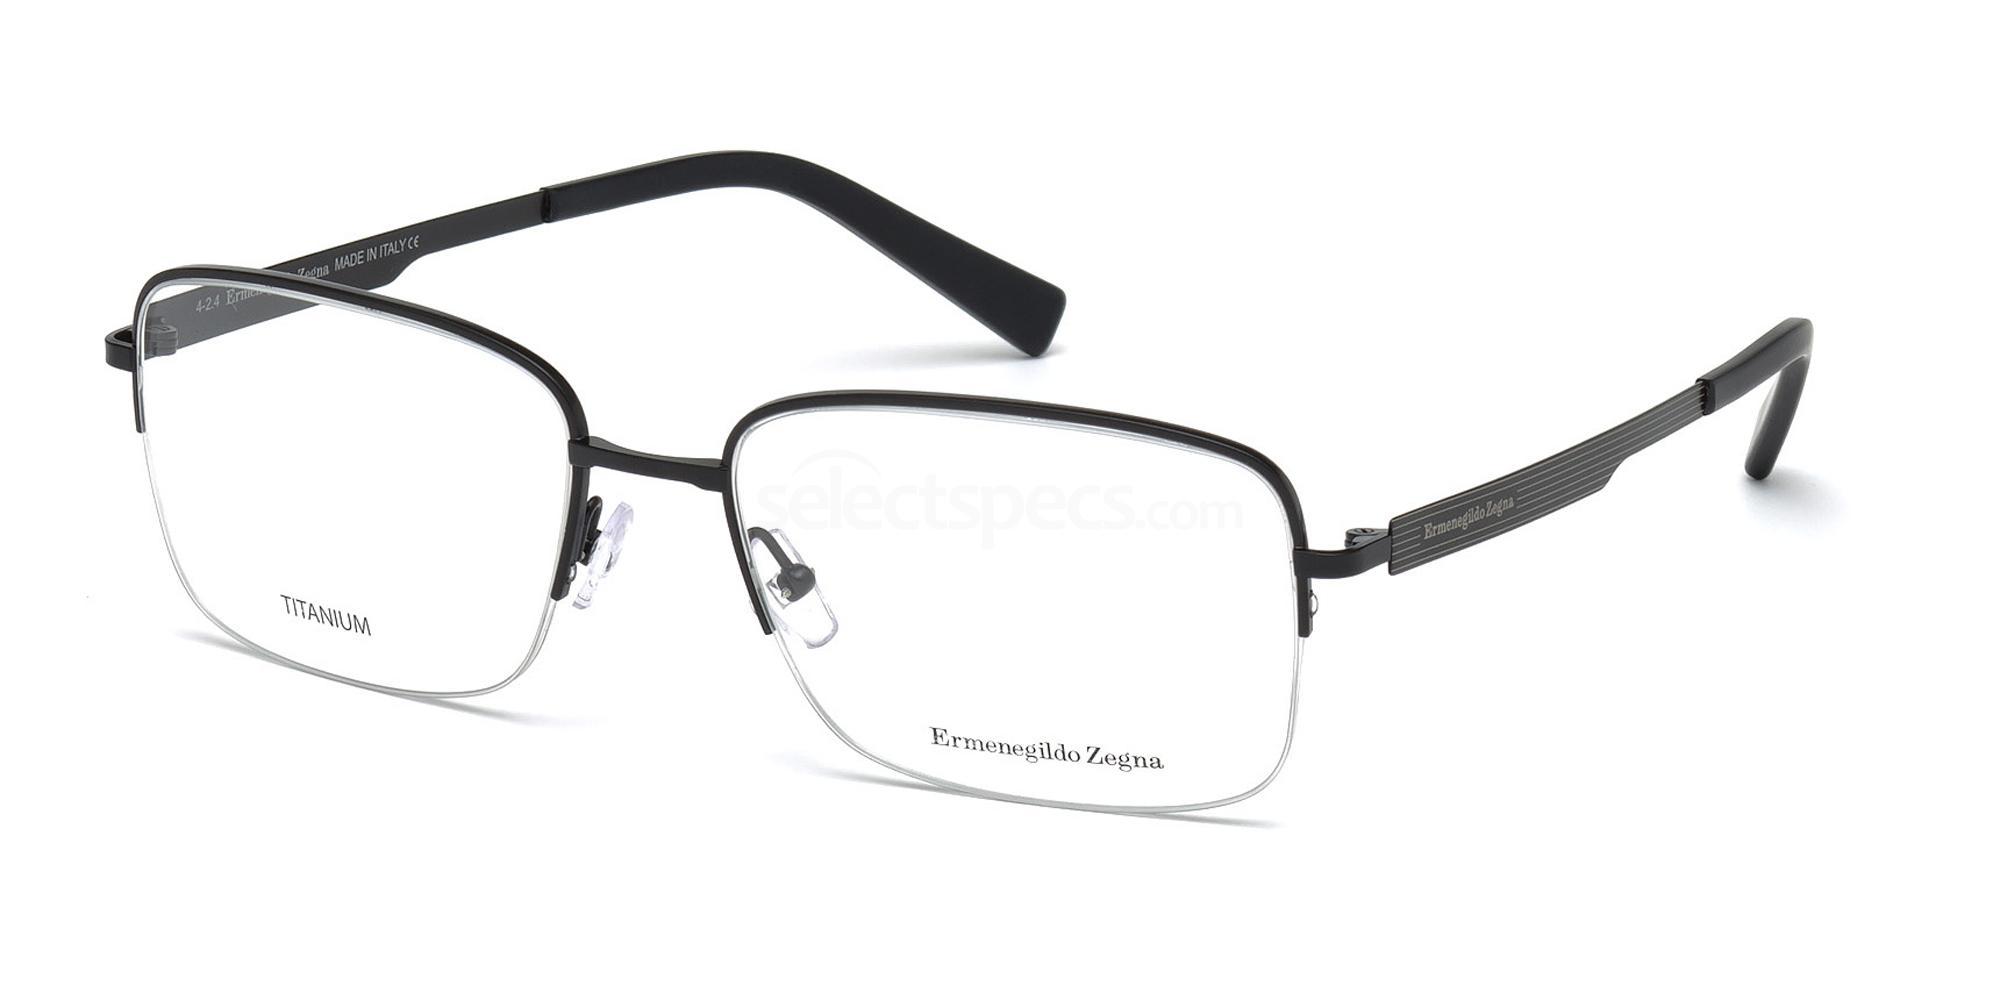 002 EZ5025 Glasses, Ermenegildo Zegna